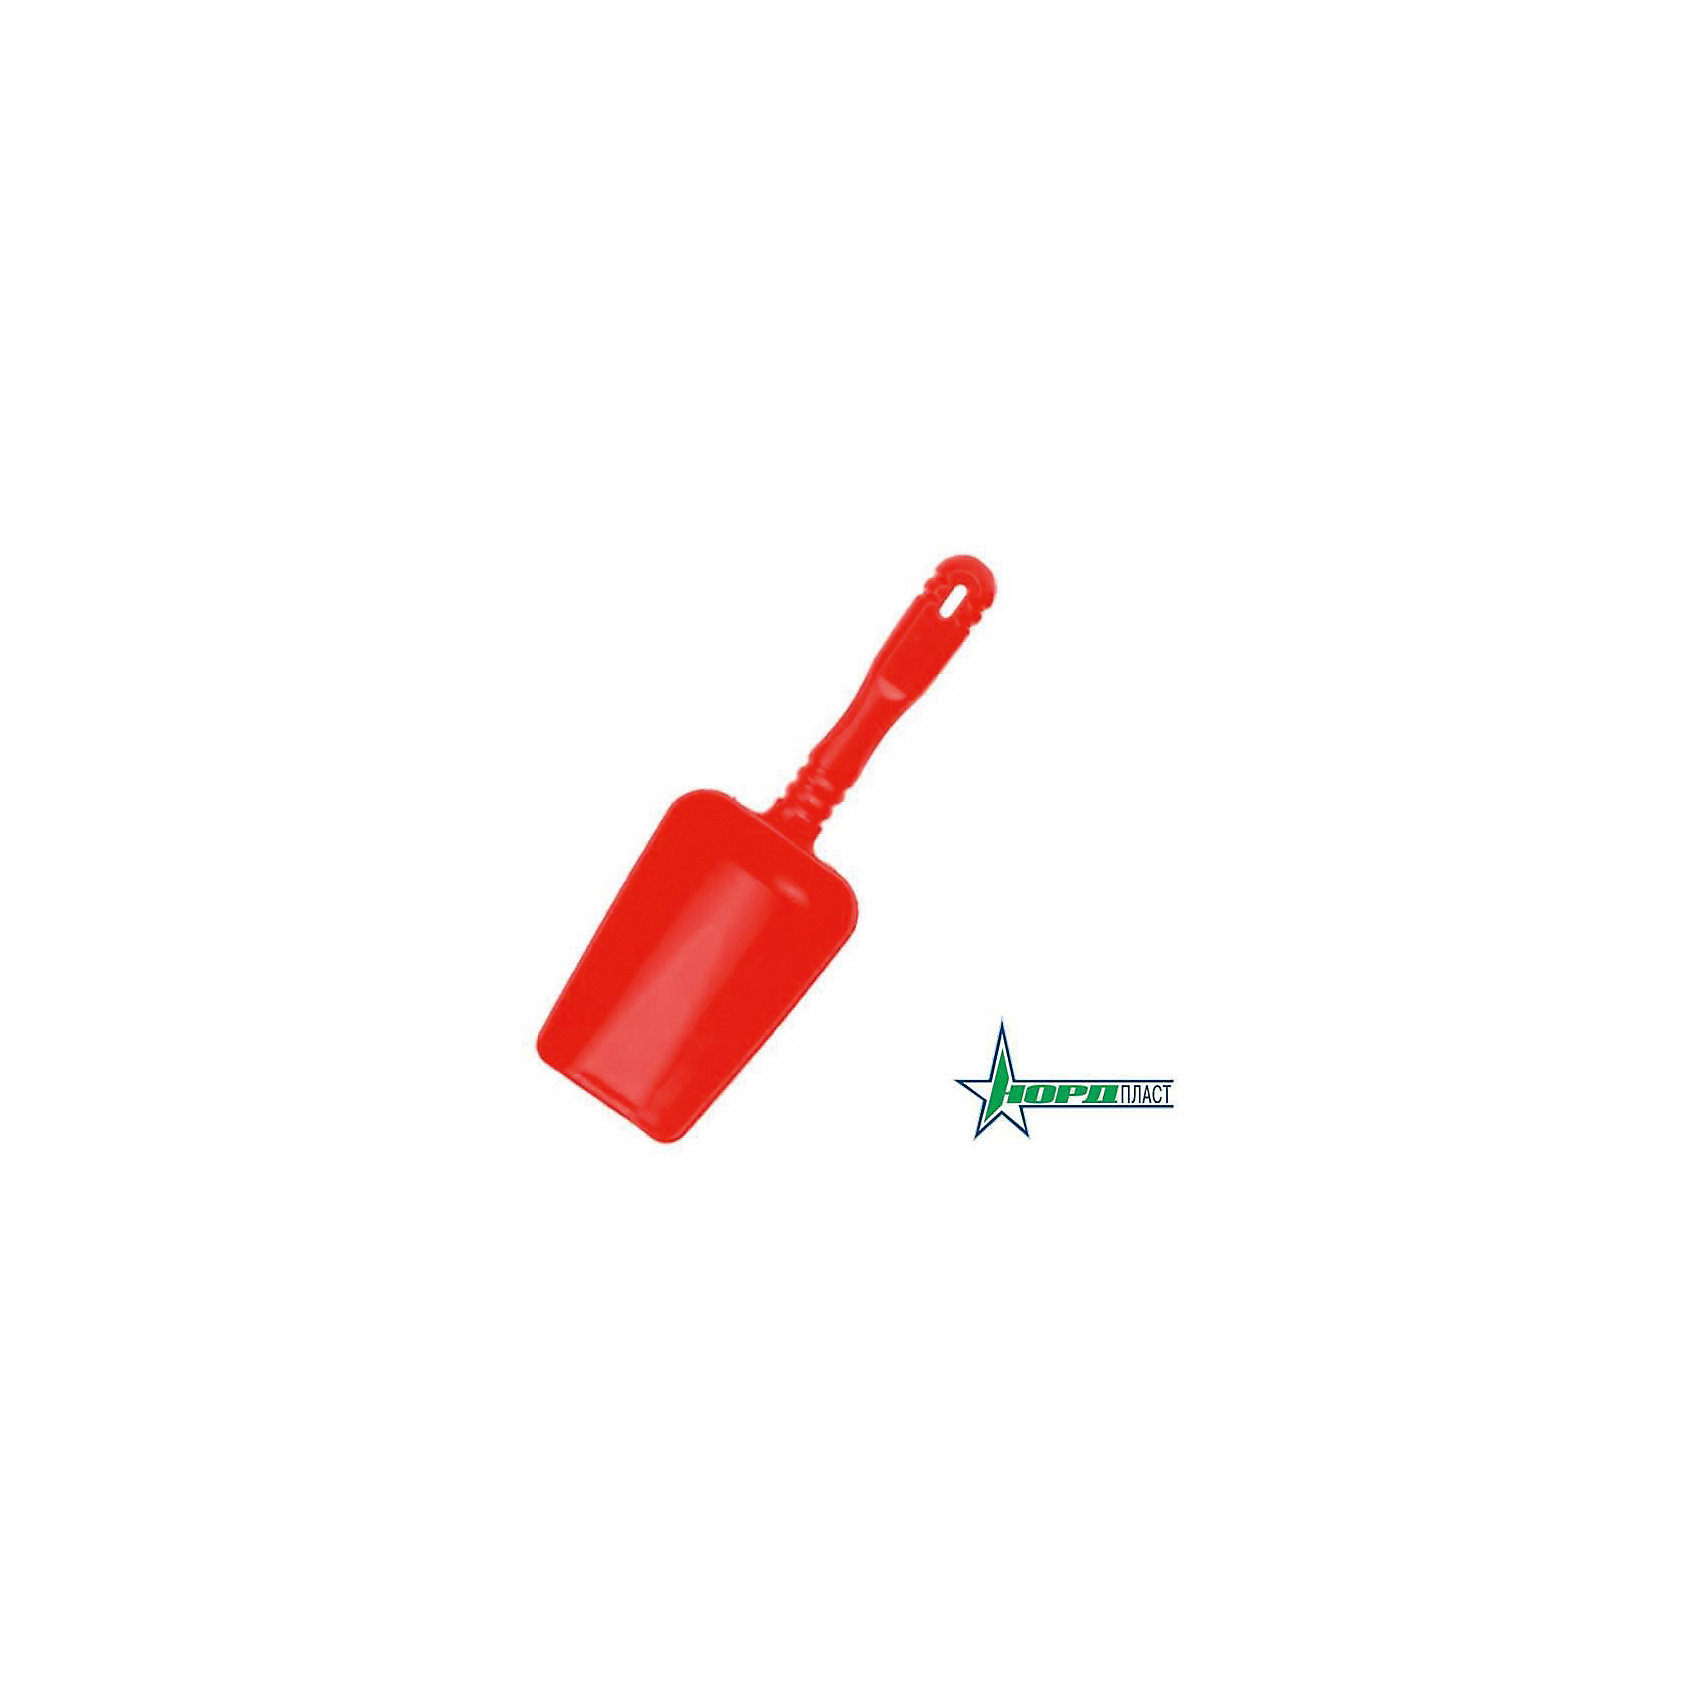 Совочек, НордпластСовочек, Нордпласт – этот прочный, удобный совок сделает каждую игру вашего малыша на улице еще веселее и интереснее.<br>Яркий совочек подойдет для игры на свежем воздухе: с песком, землей, снегом. У совка удобная ручка. Он легко поместиться в маленькой детской руке. Изготовлен из пищевой пластмассы, не имеющей неприятных запахов, что обеспечивает дополнительную безопасность при их использовании детьми младших возрастов.<br><br>Дополнительная информация:<br><br>- Длина совочка: 16,5 см.<br>- Материал: высококачественная пластмасса<br>- Цвет: красный<br><br>Совочек, Нордпласт можно купить в нашем интернет-магазине.<br><br>Ширина мм: 10<br>Глубина мм: 165<br>Высота мм: 60<br>Вес г: 10<br>Возраст от месяцев: 36<br>Возраст до месяцев: 72<br>Пол: Унисекс<br>Возраст: Детский<br>SKU: 4112724